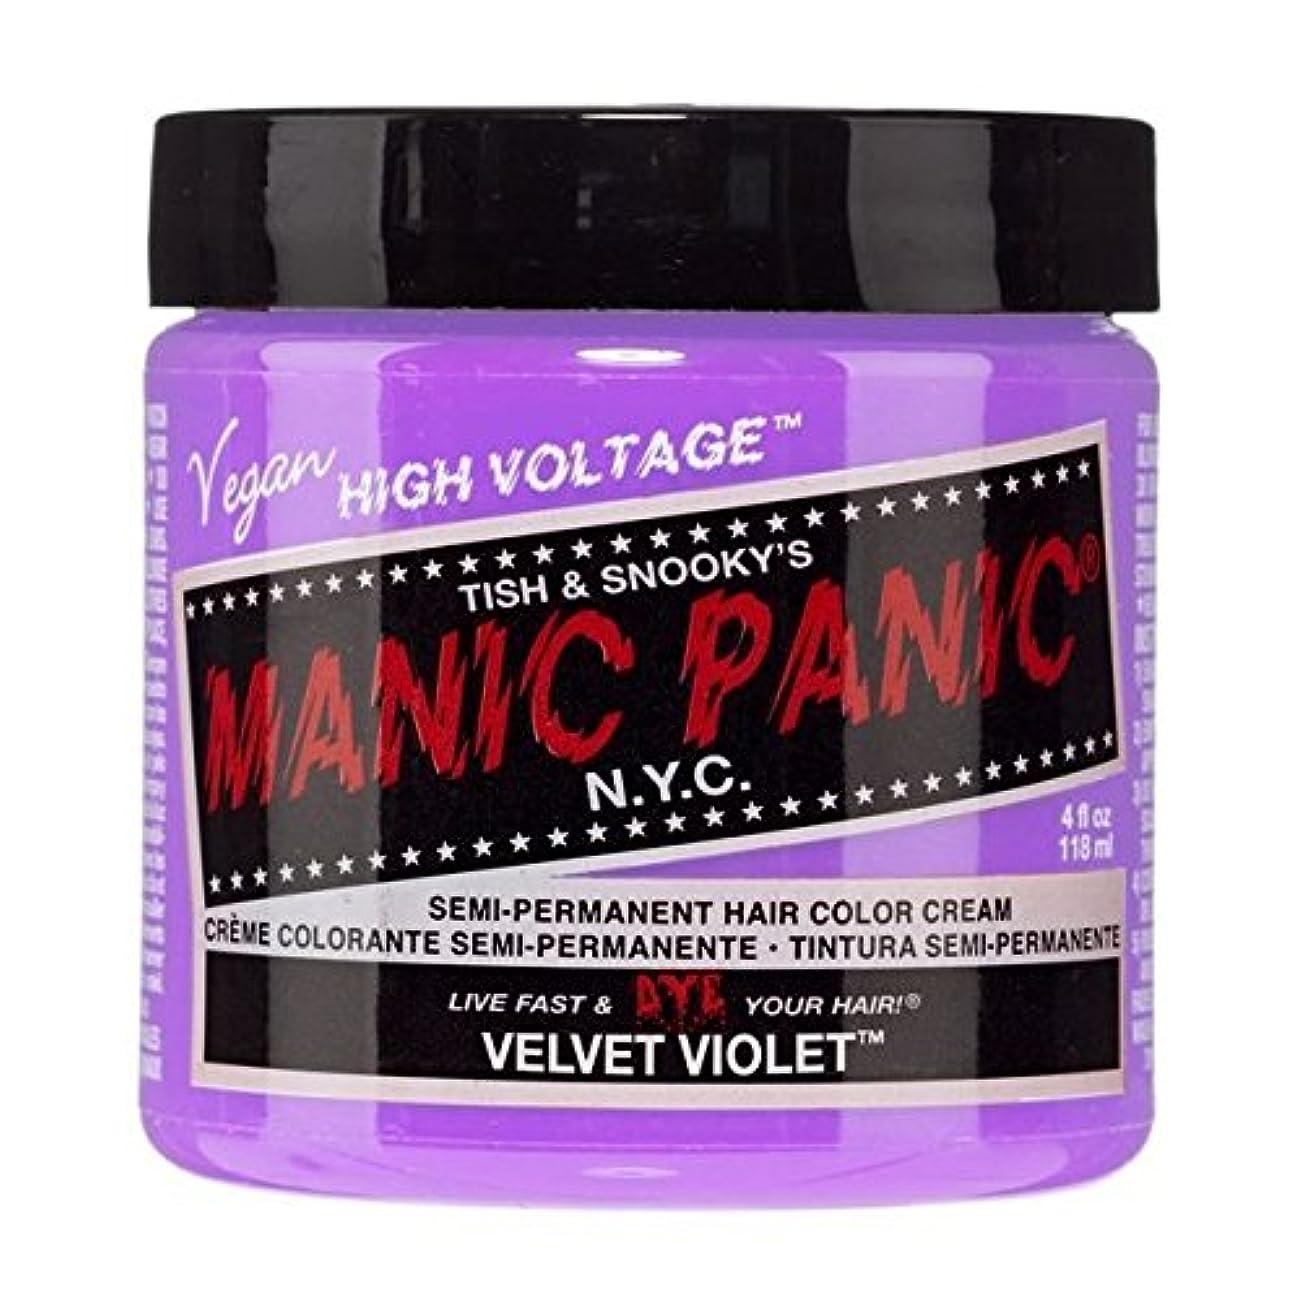 沈黙アークもしスペシャルセットMANIC PANICマニックパニック:VELVET VIOLET (ベルベットヴァイオレット)+ヘアカラーケア4点セット